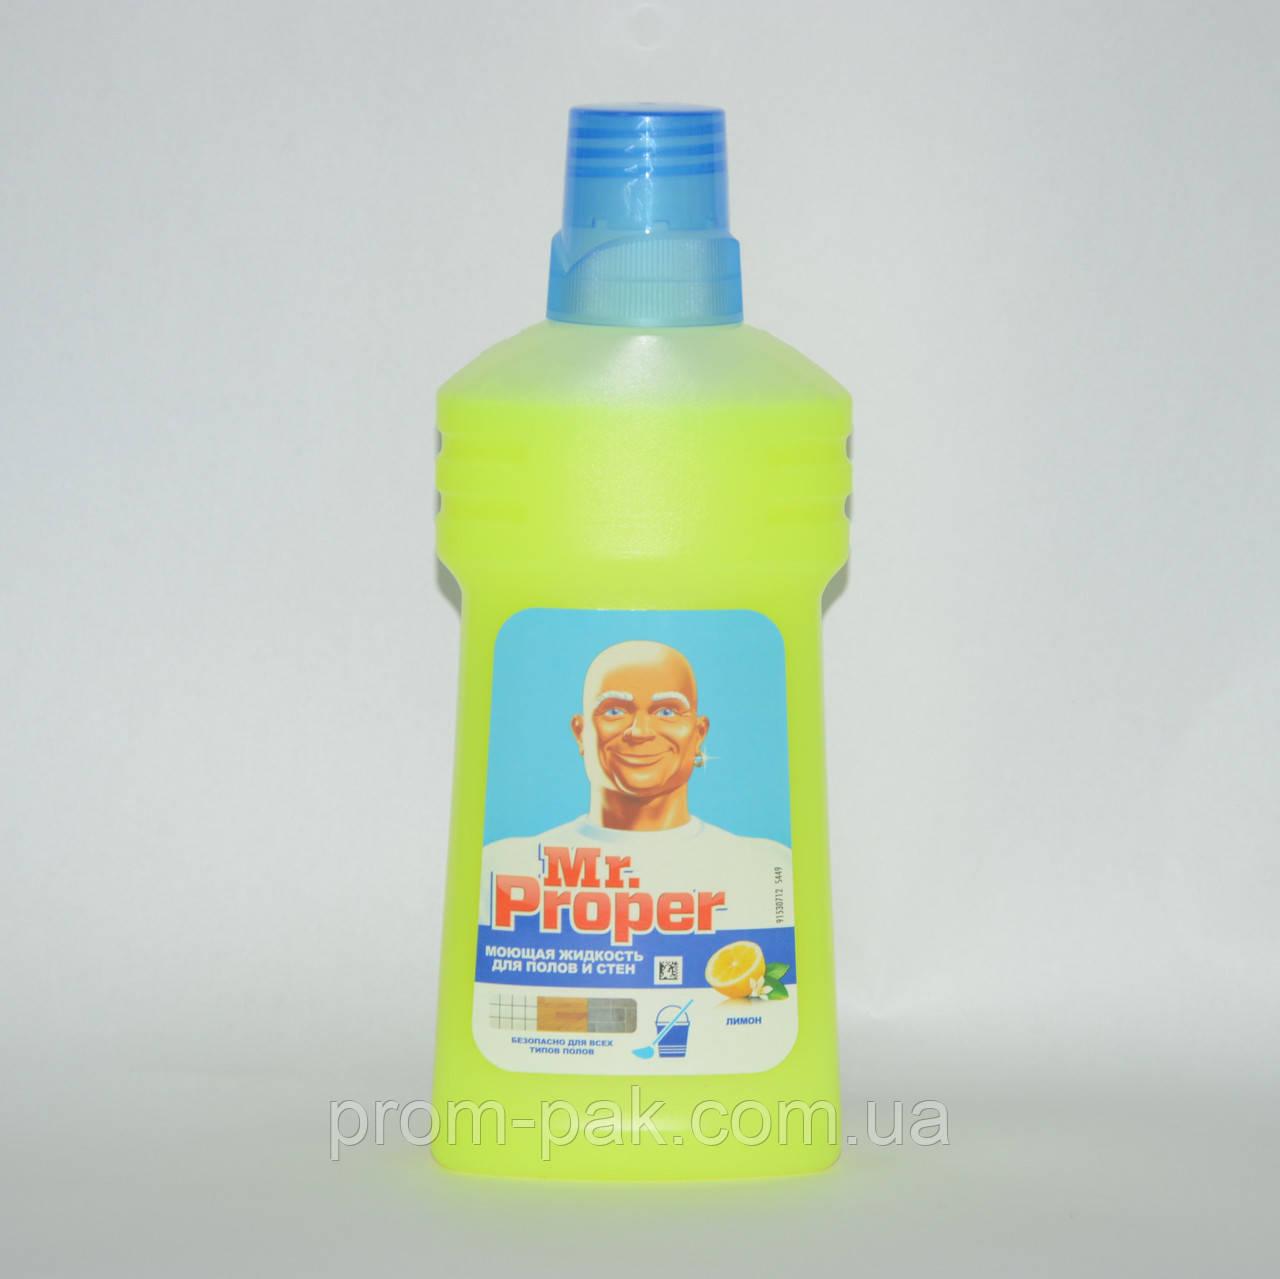 MR.Proper средство для уборки 500мл Лимон